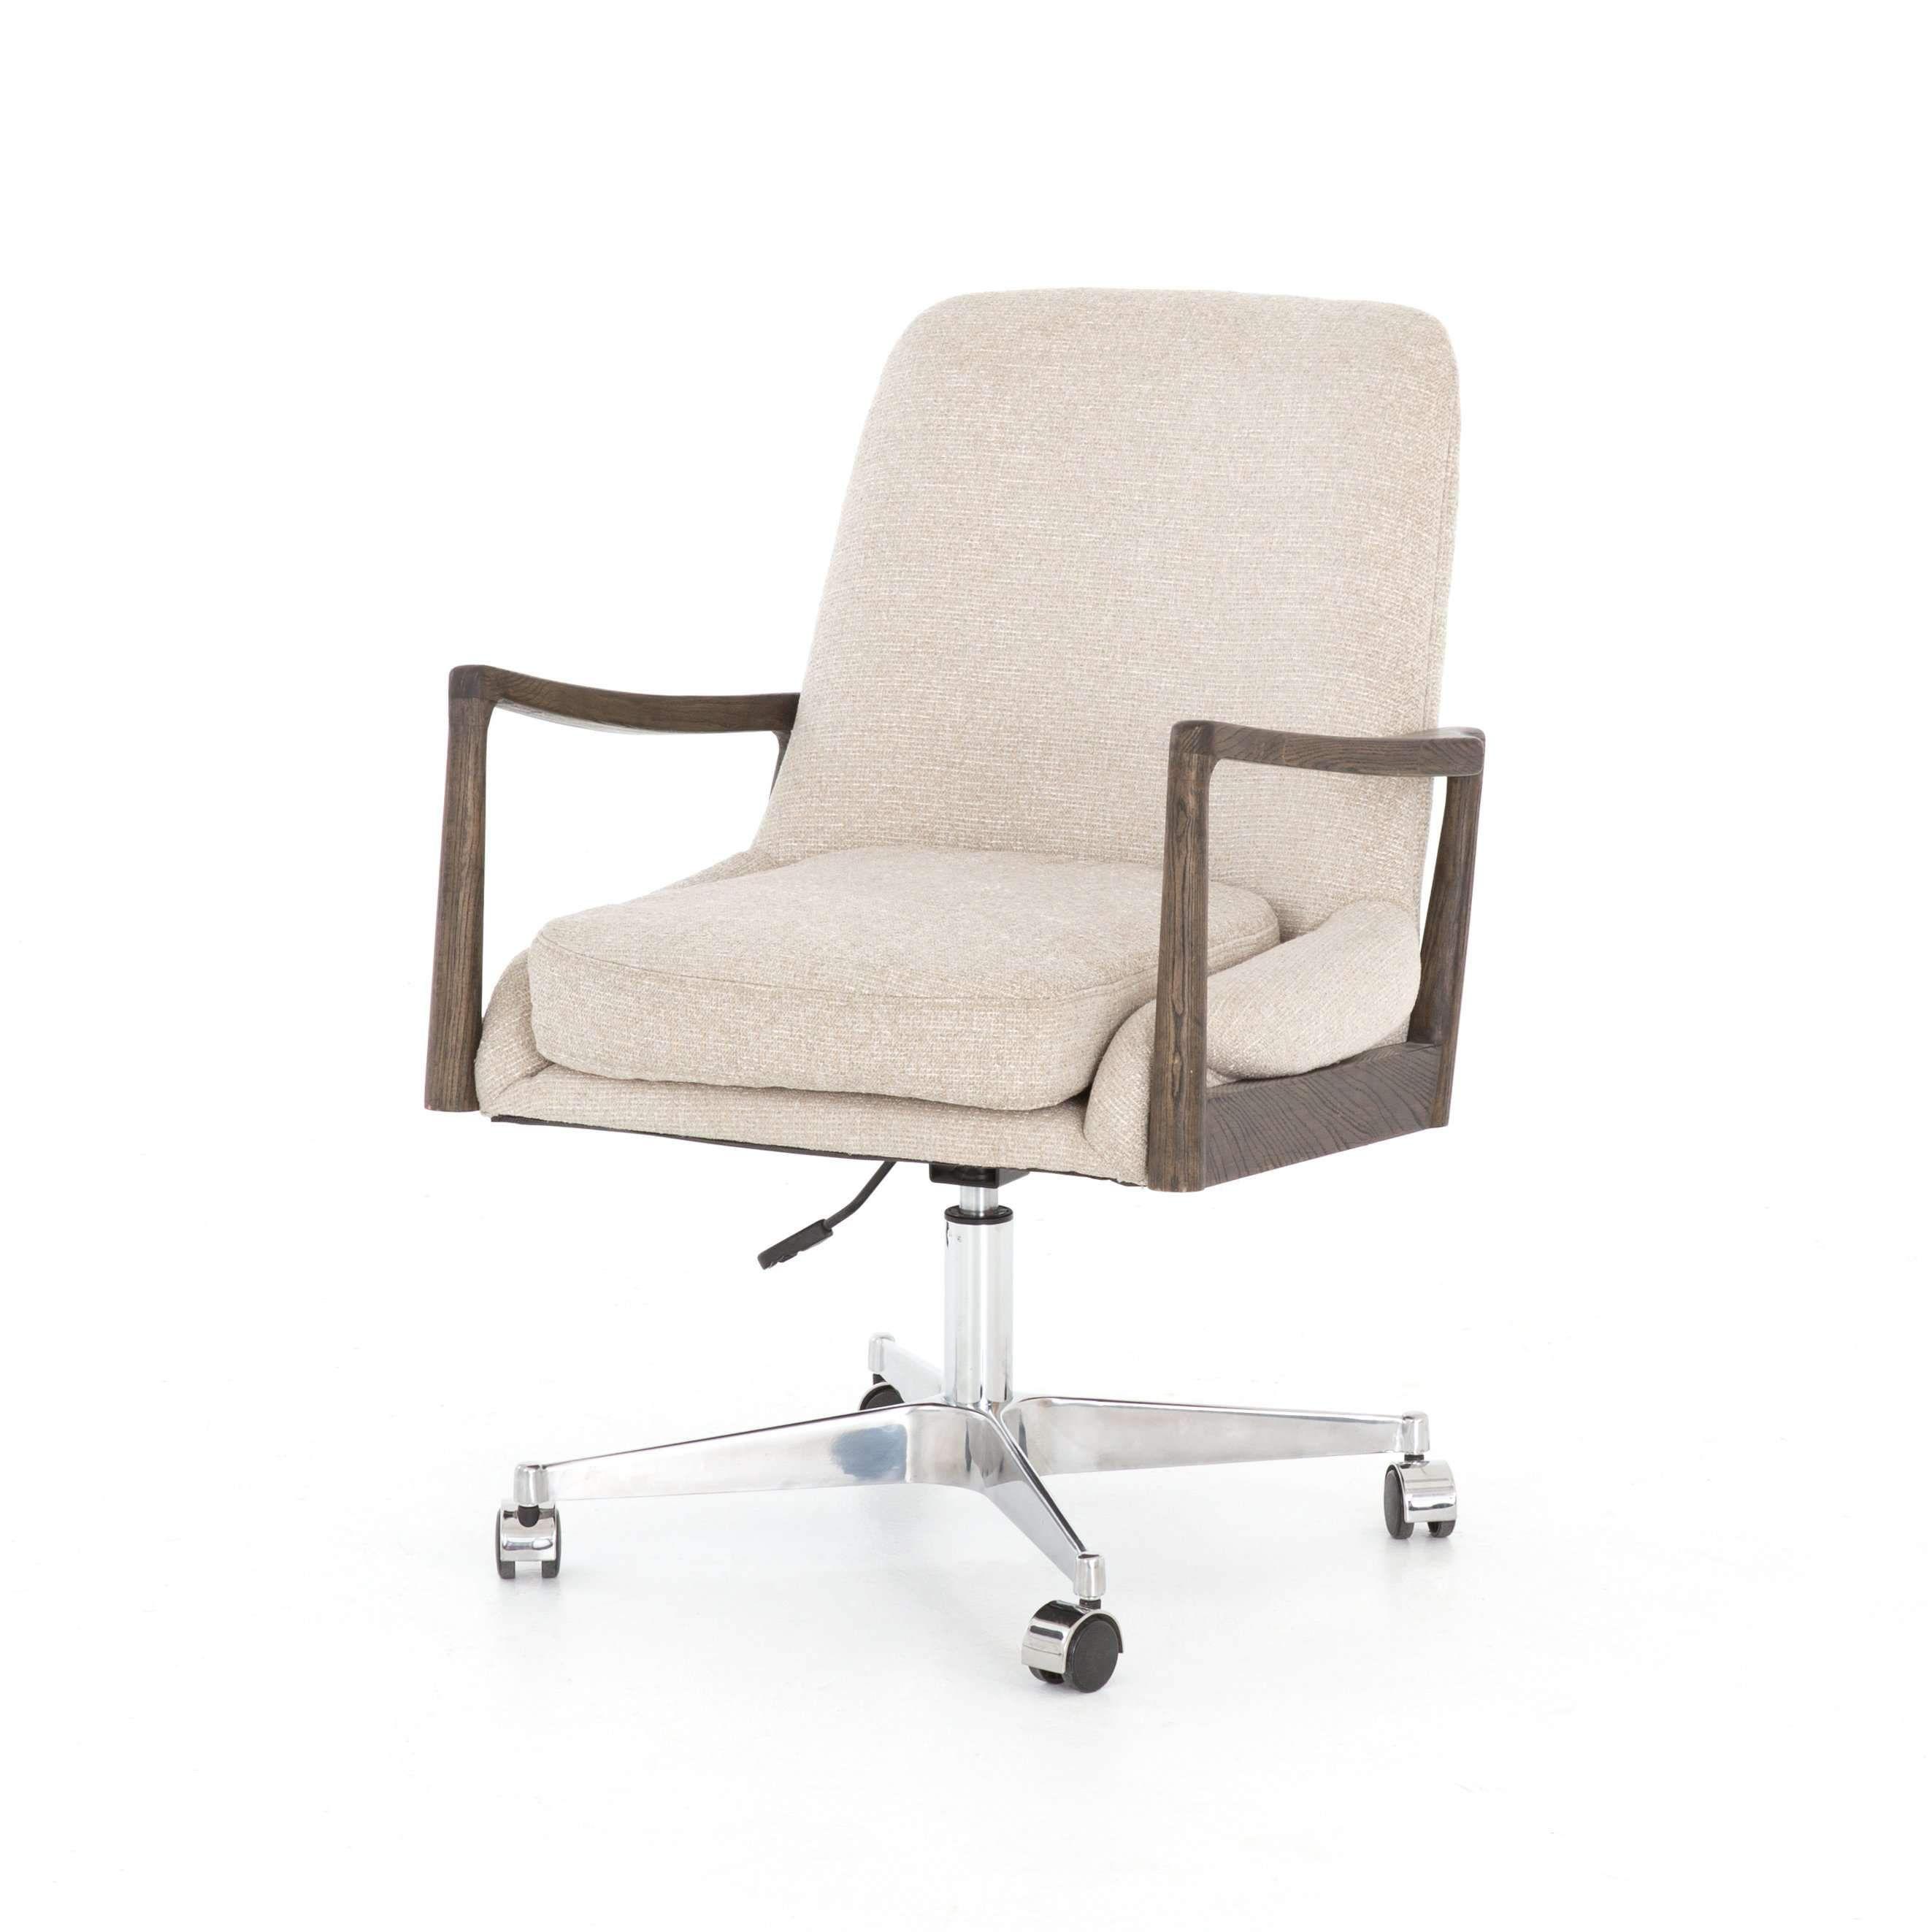 Braden Desk Chair Upholstered Desk Chair Modern Desk Chair